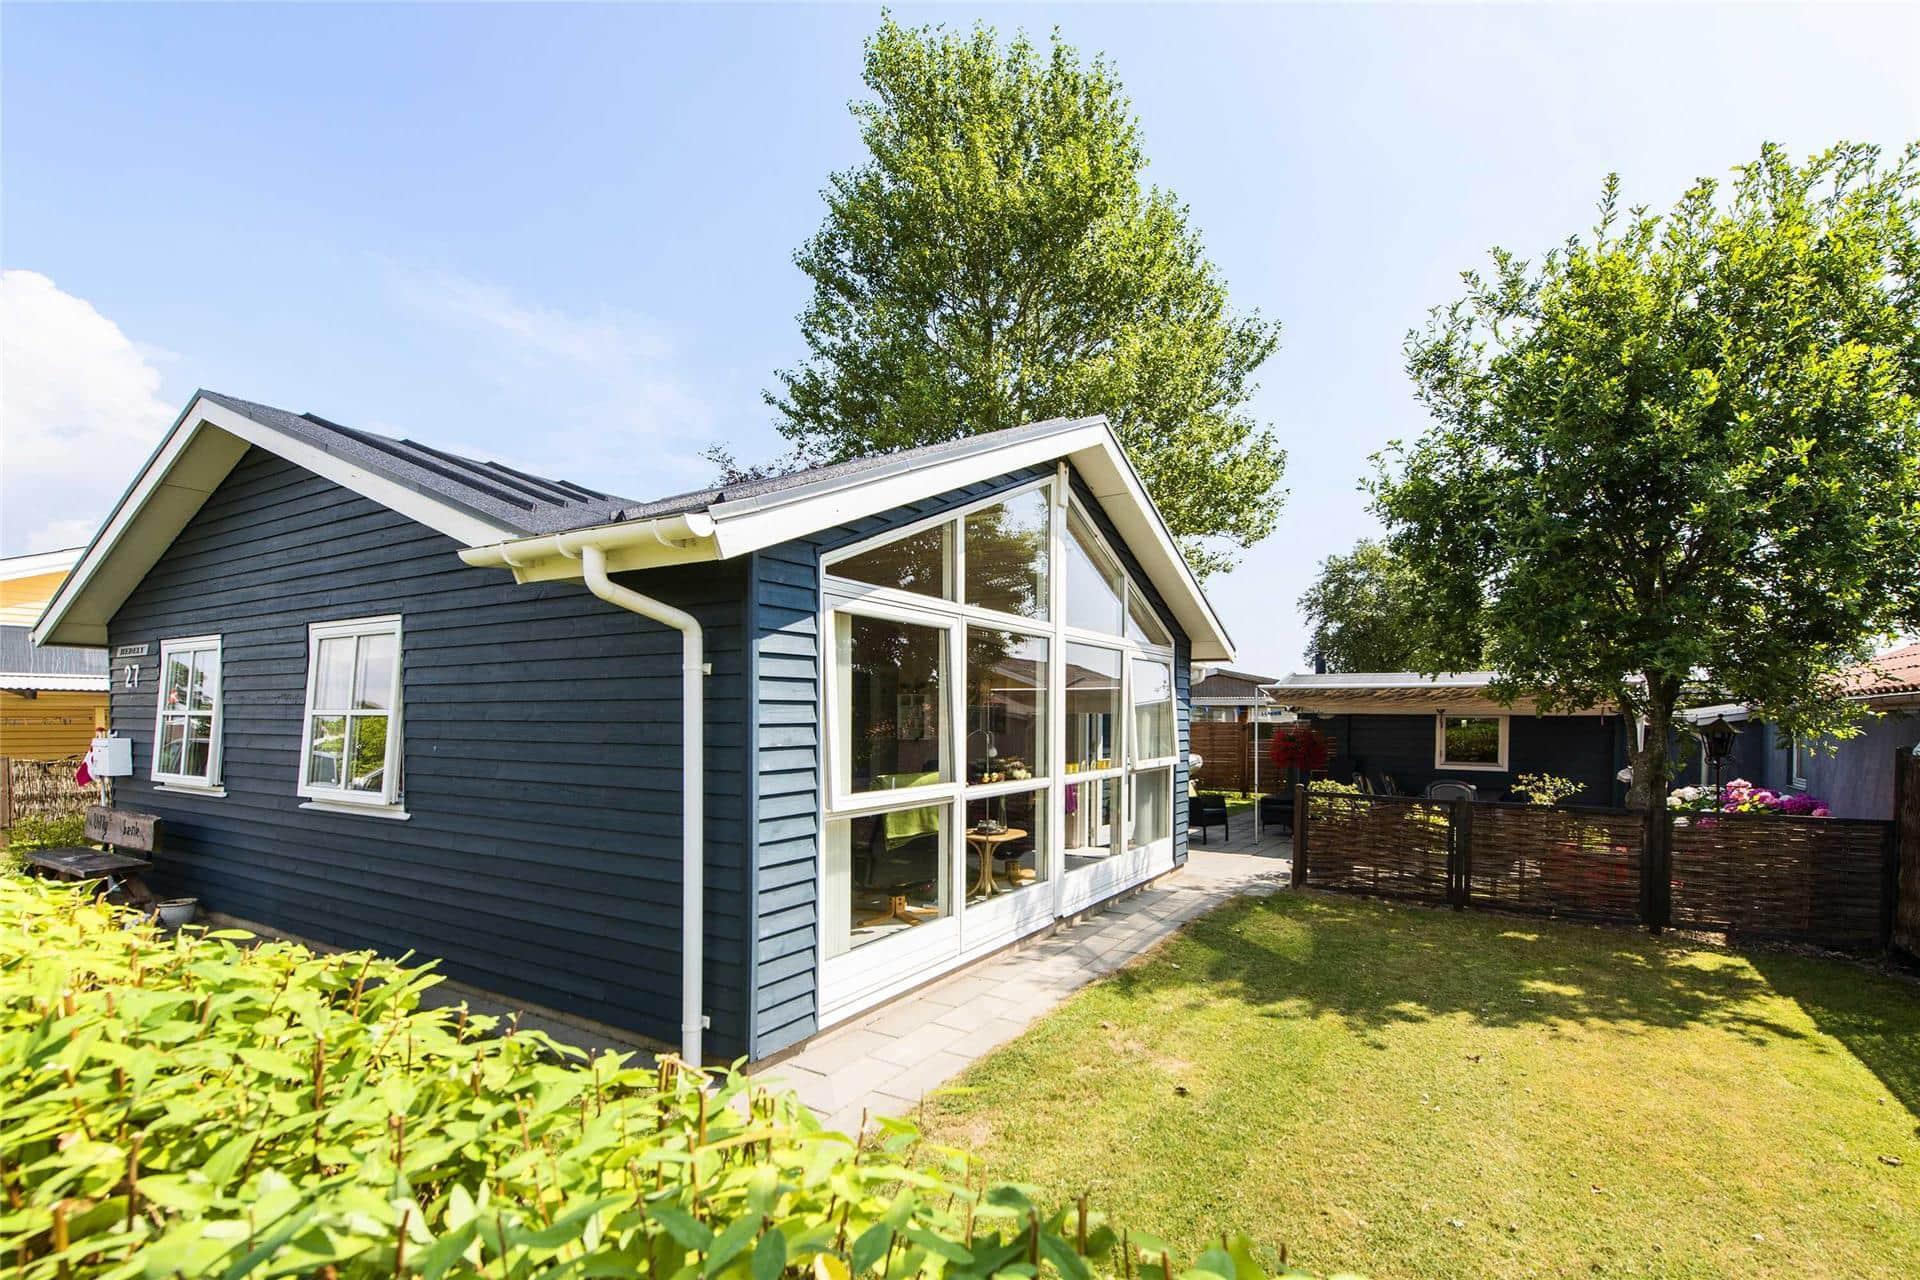 Billede 1-19 Sommerhus 40319, As Hedegård 27, DK - 7130 Juelsminde